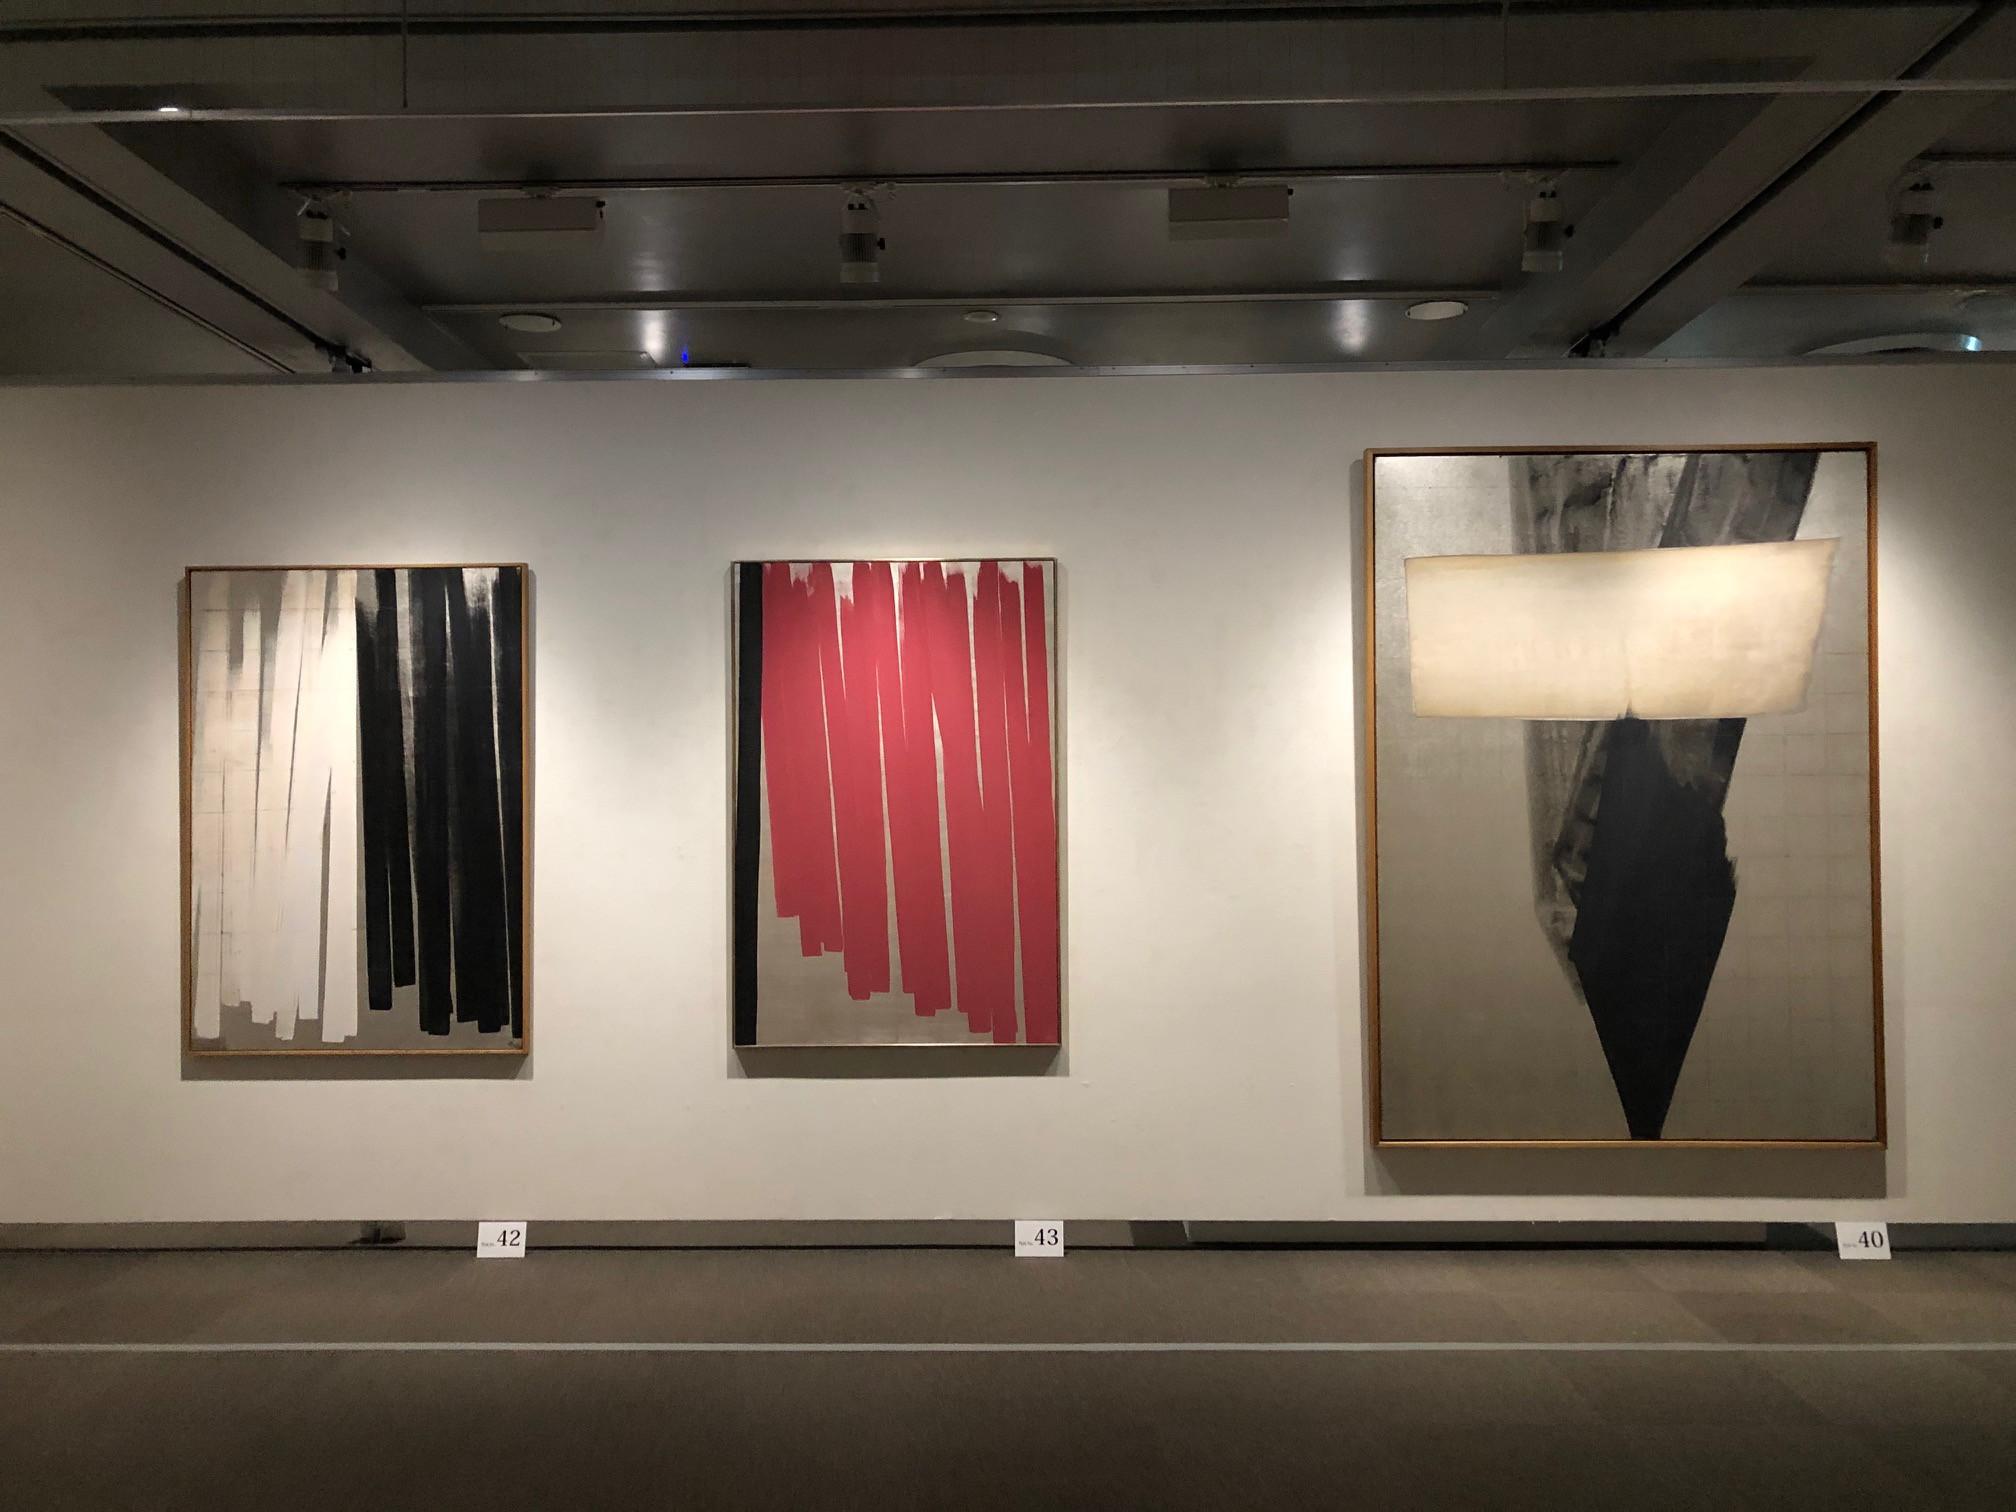 そごう美術館「篠田桃紅展」会場 第3章「昇華する抽象 1970-80年代」」